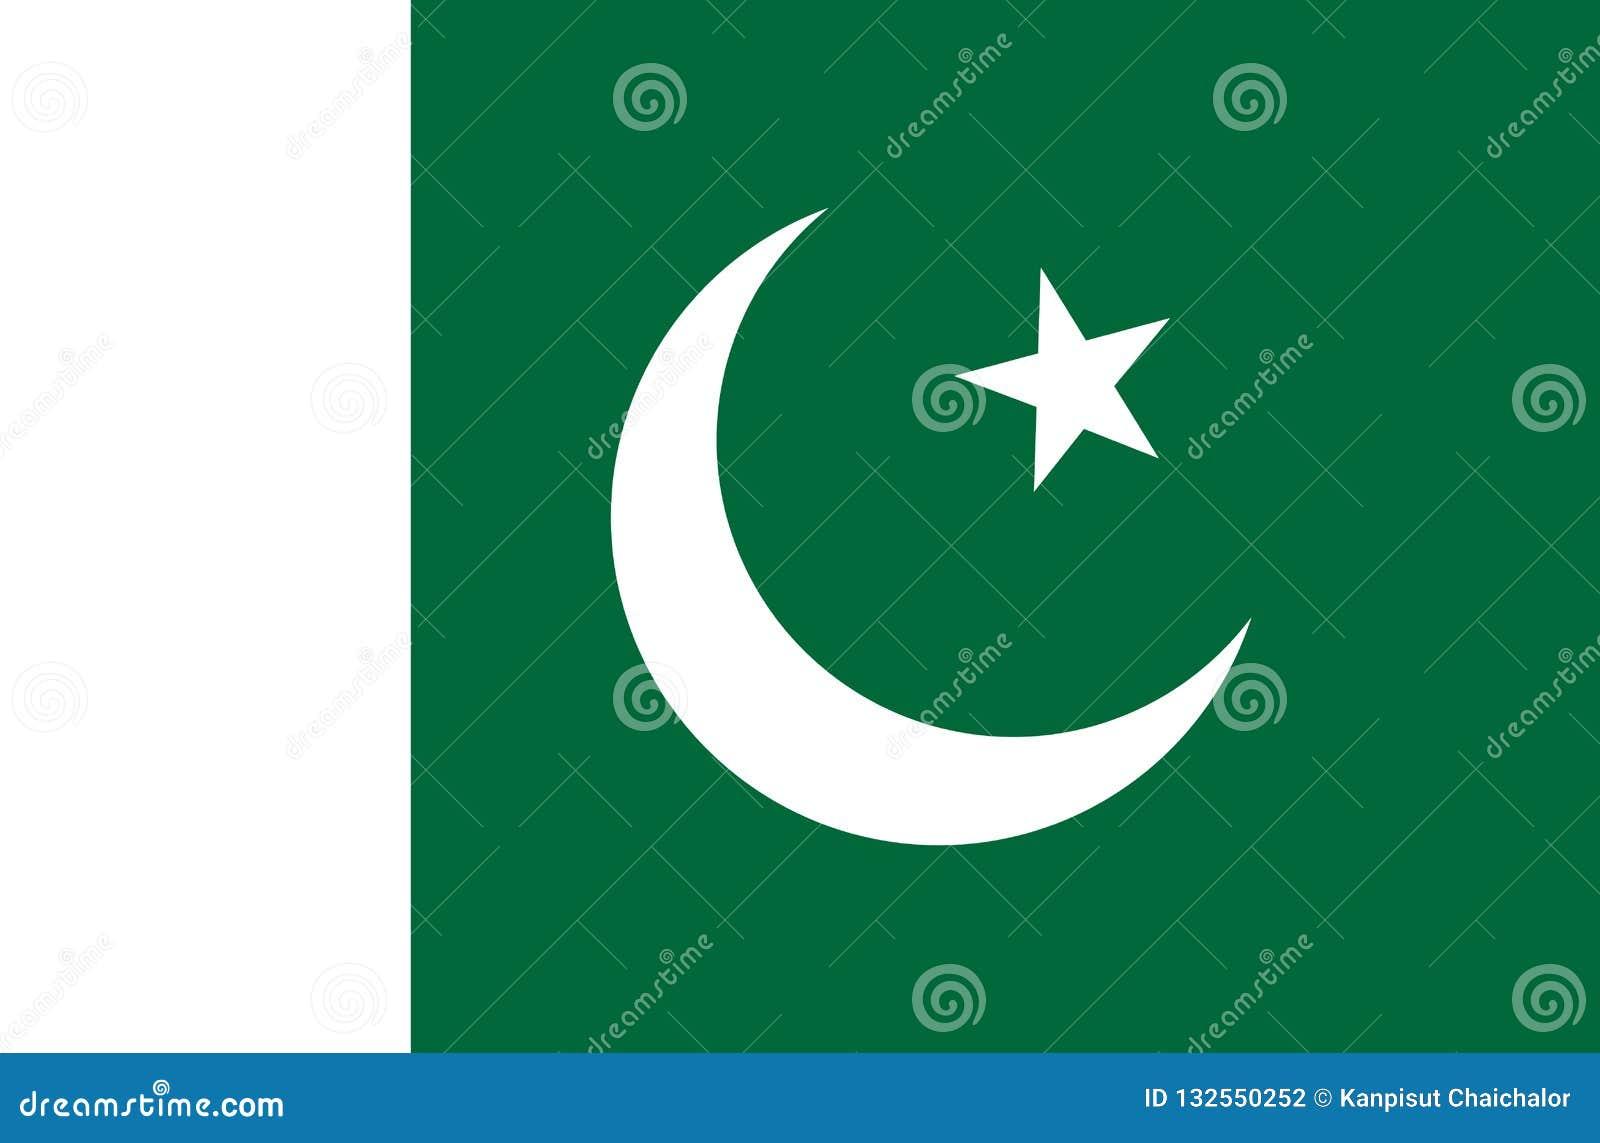 Simple Flag Of Pakistan  Pakistani Flag  Symbol Of